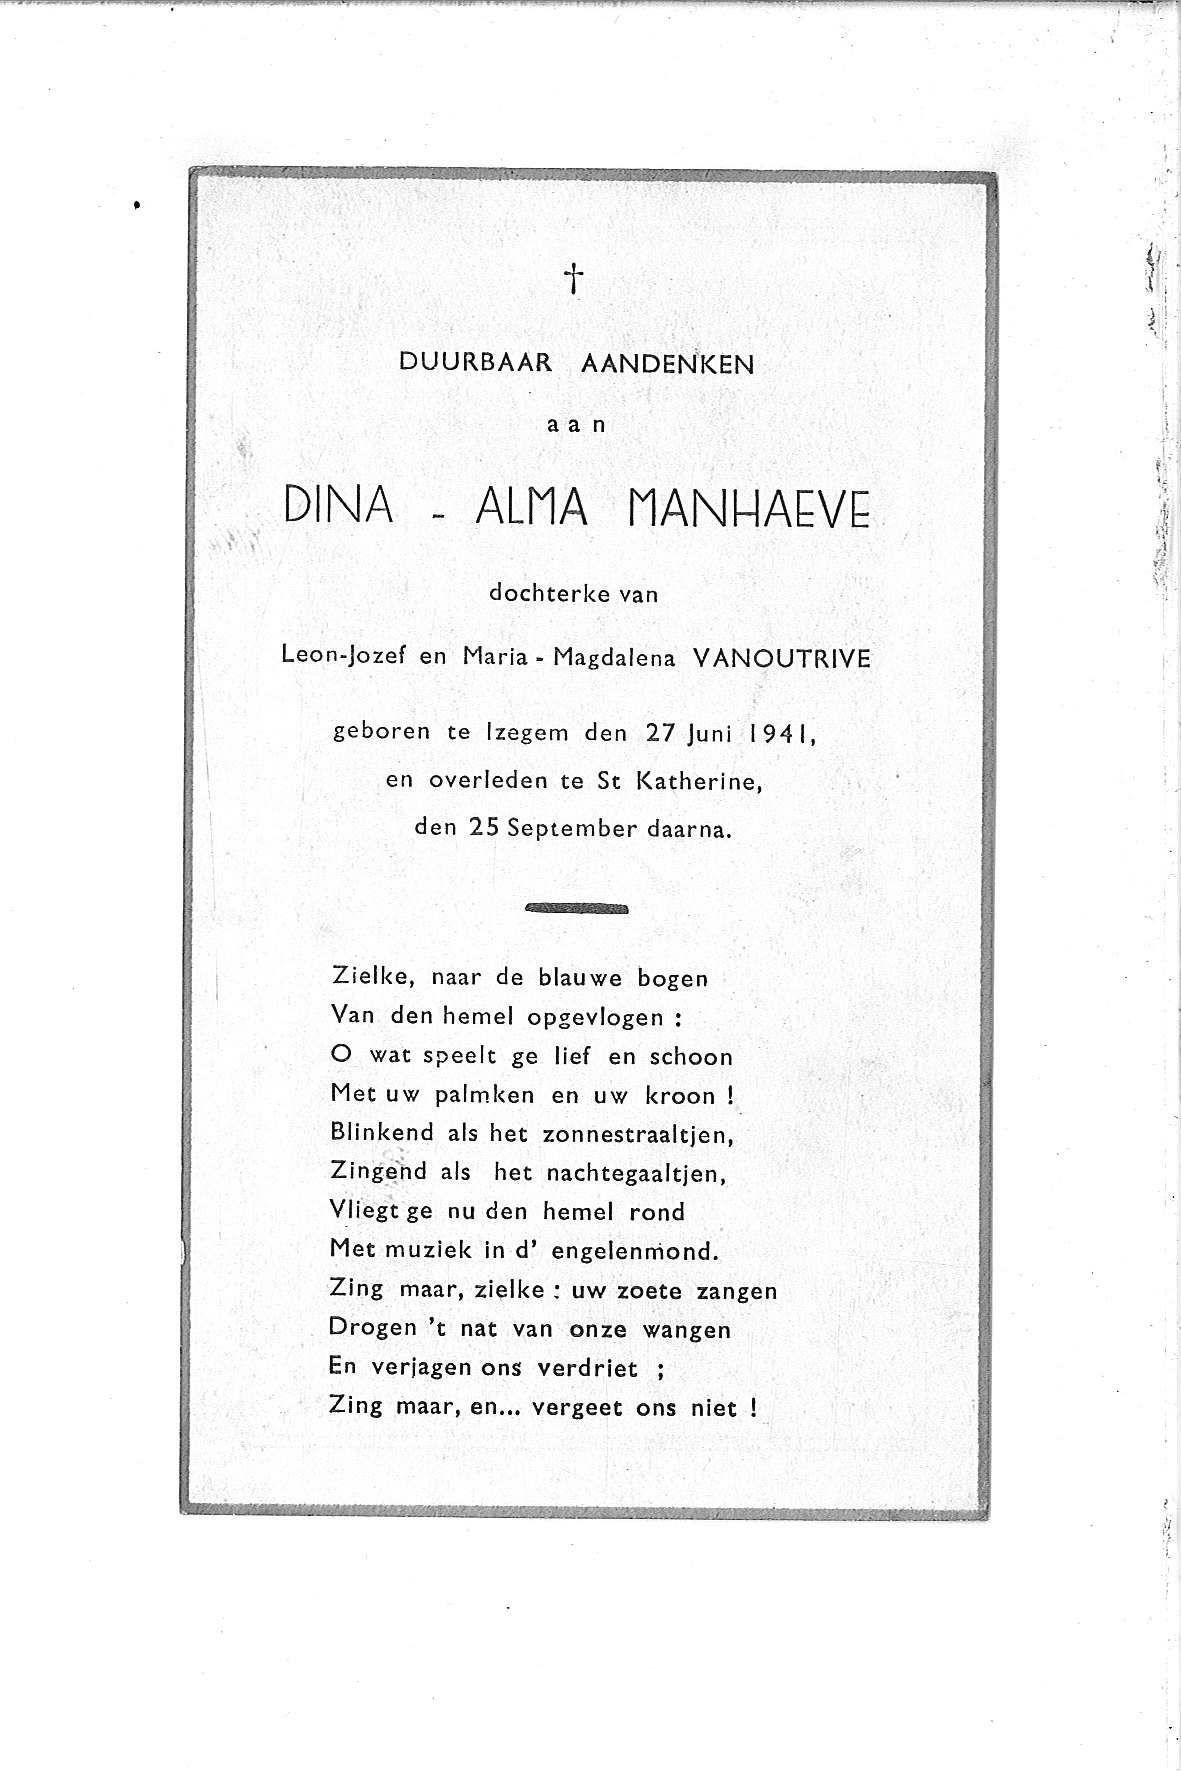 Dina-Alma(1941)20120206150550_00009.jpg